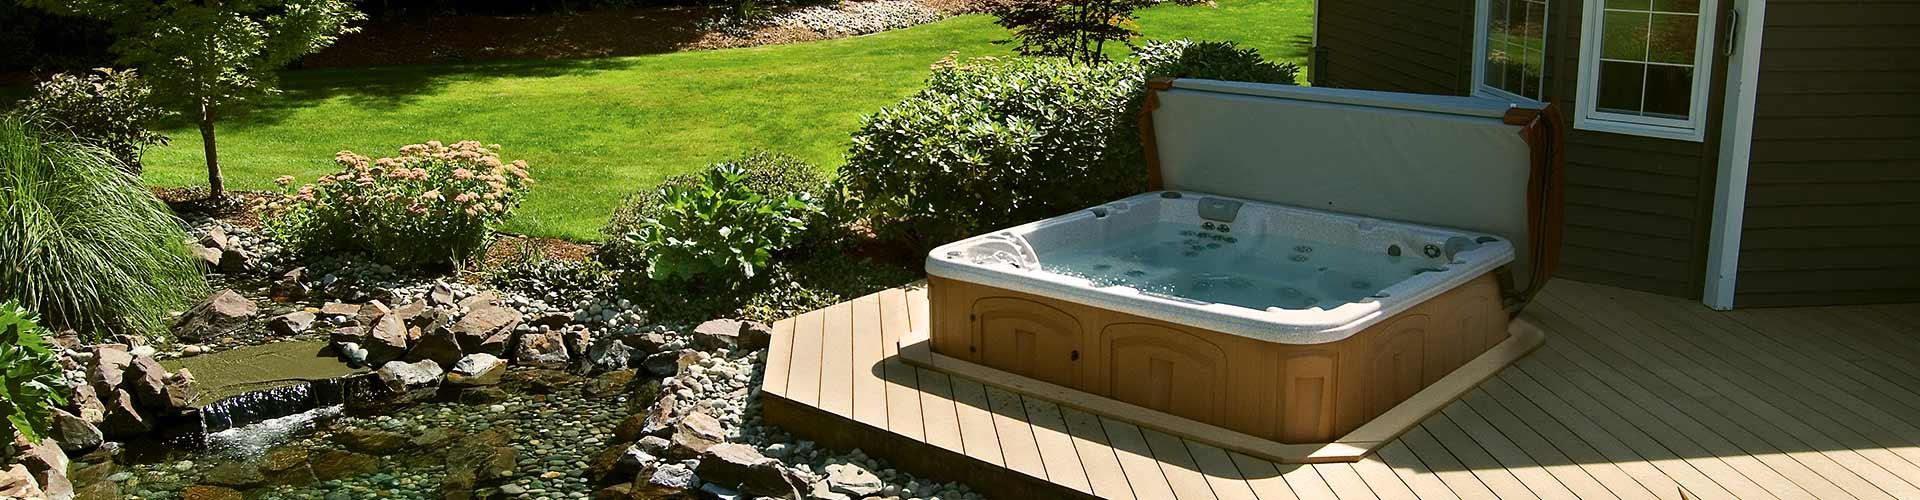 Outdoor-Whirlpool